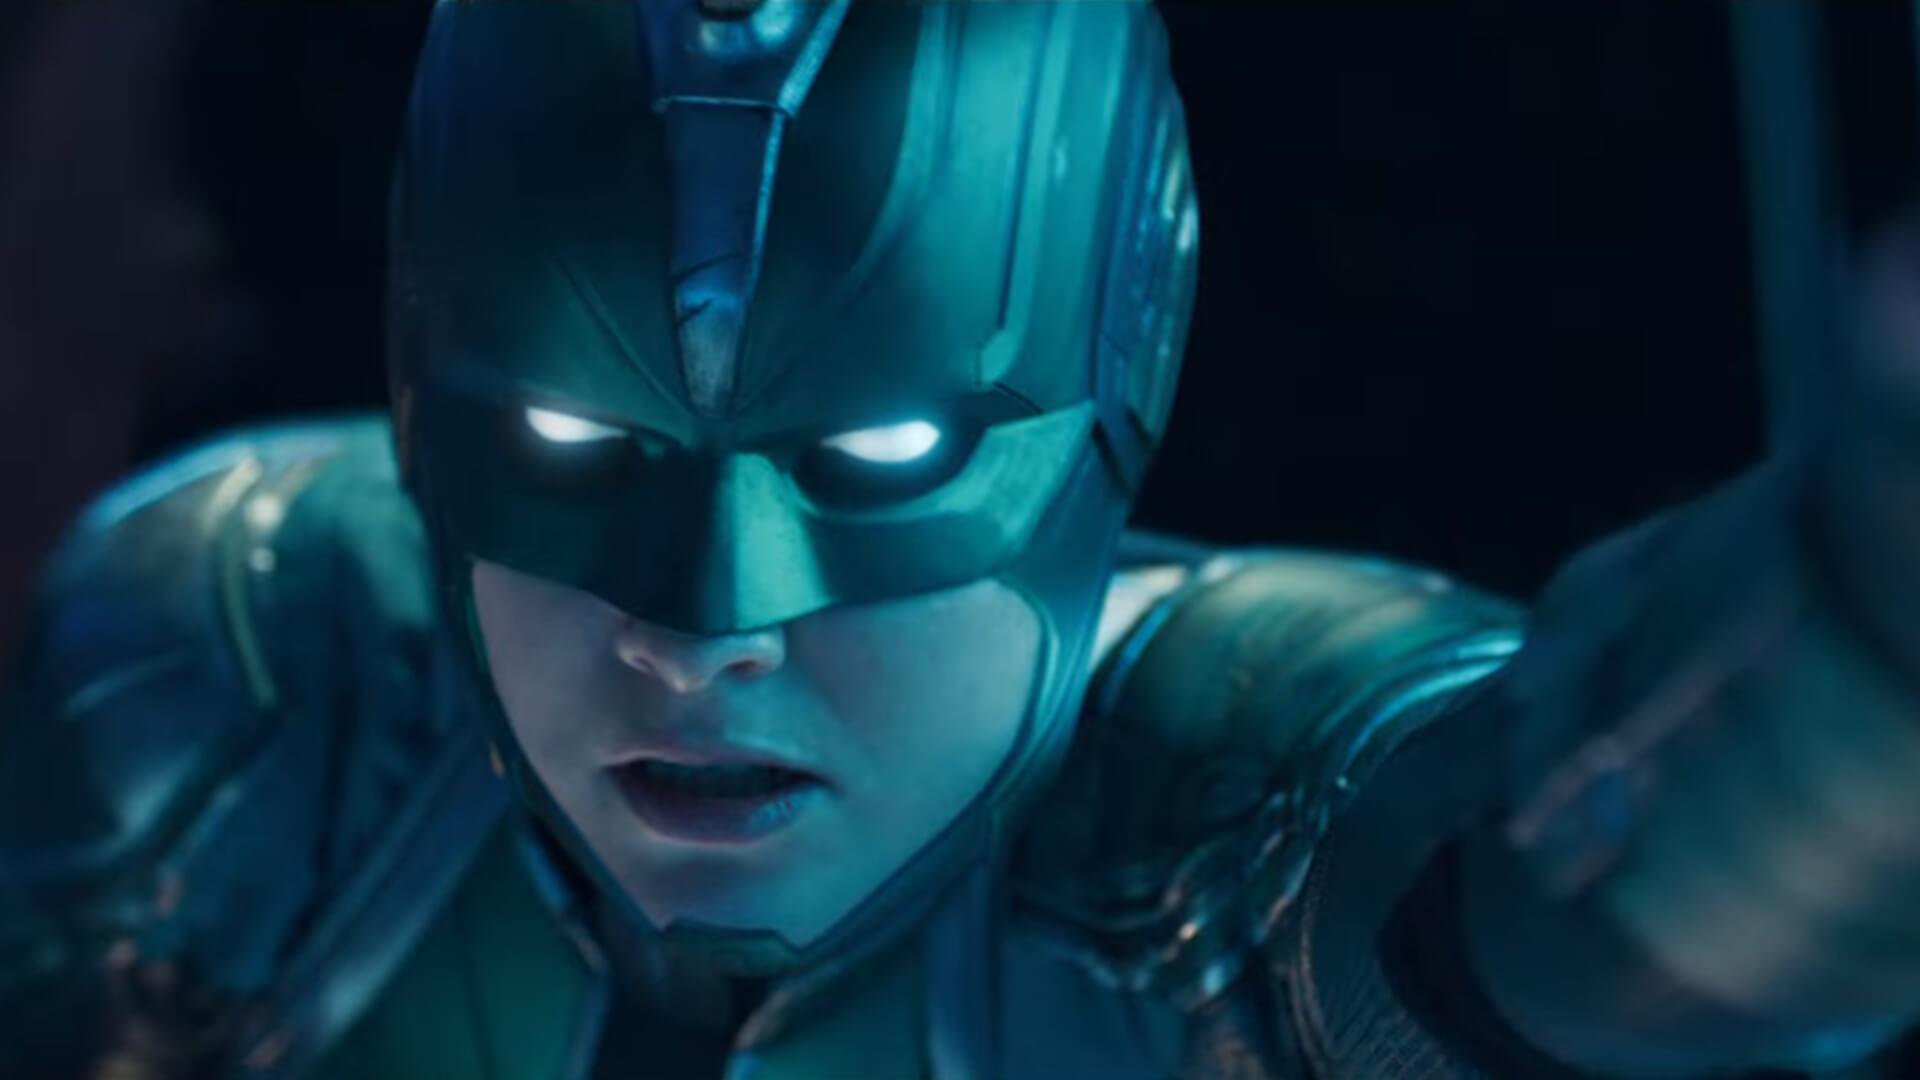 「驚奇隊長」本名為卡蘿丹佛斯 (Carol Danvers),電影將深入她的過往與復仇者聯盟們的連結。